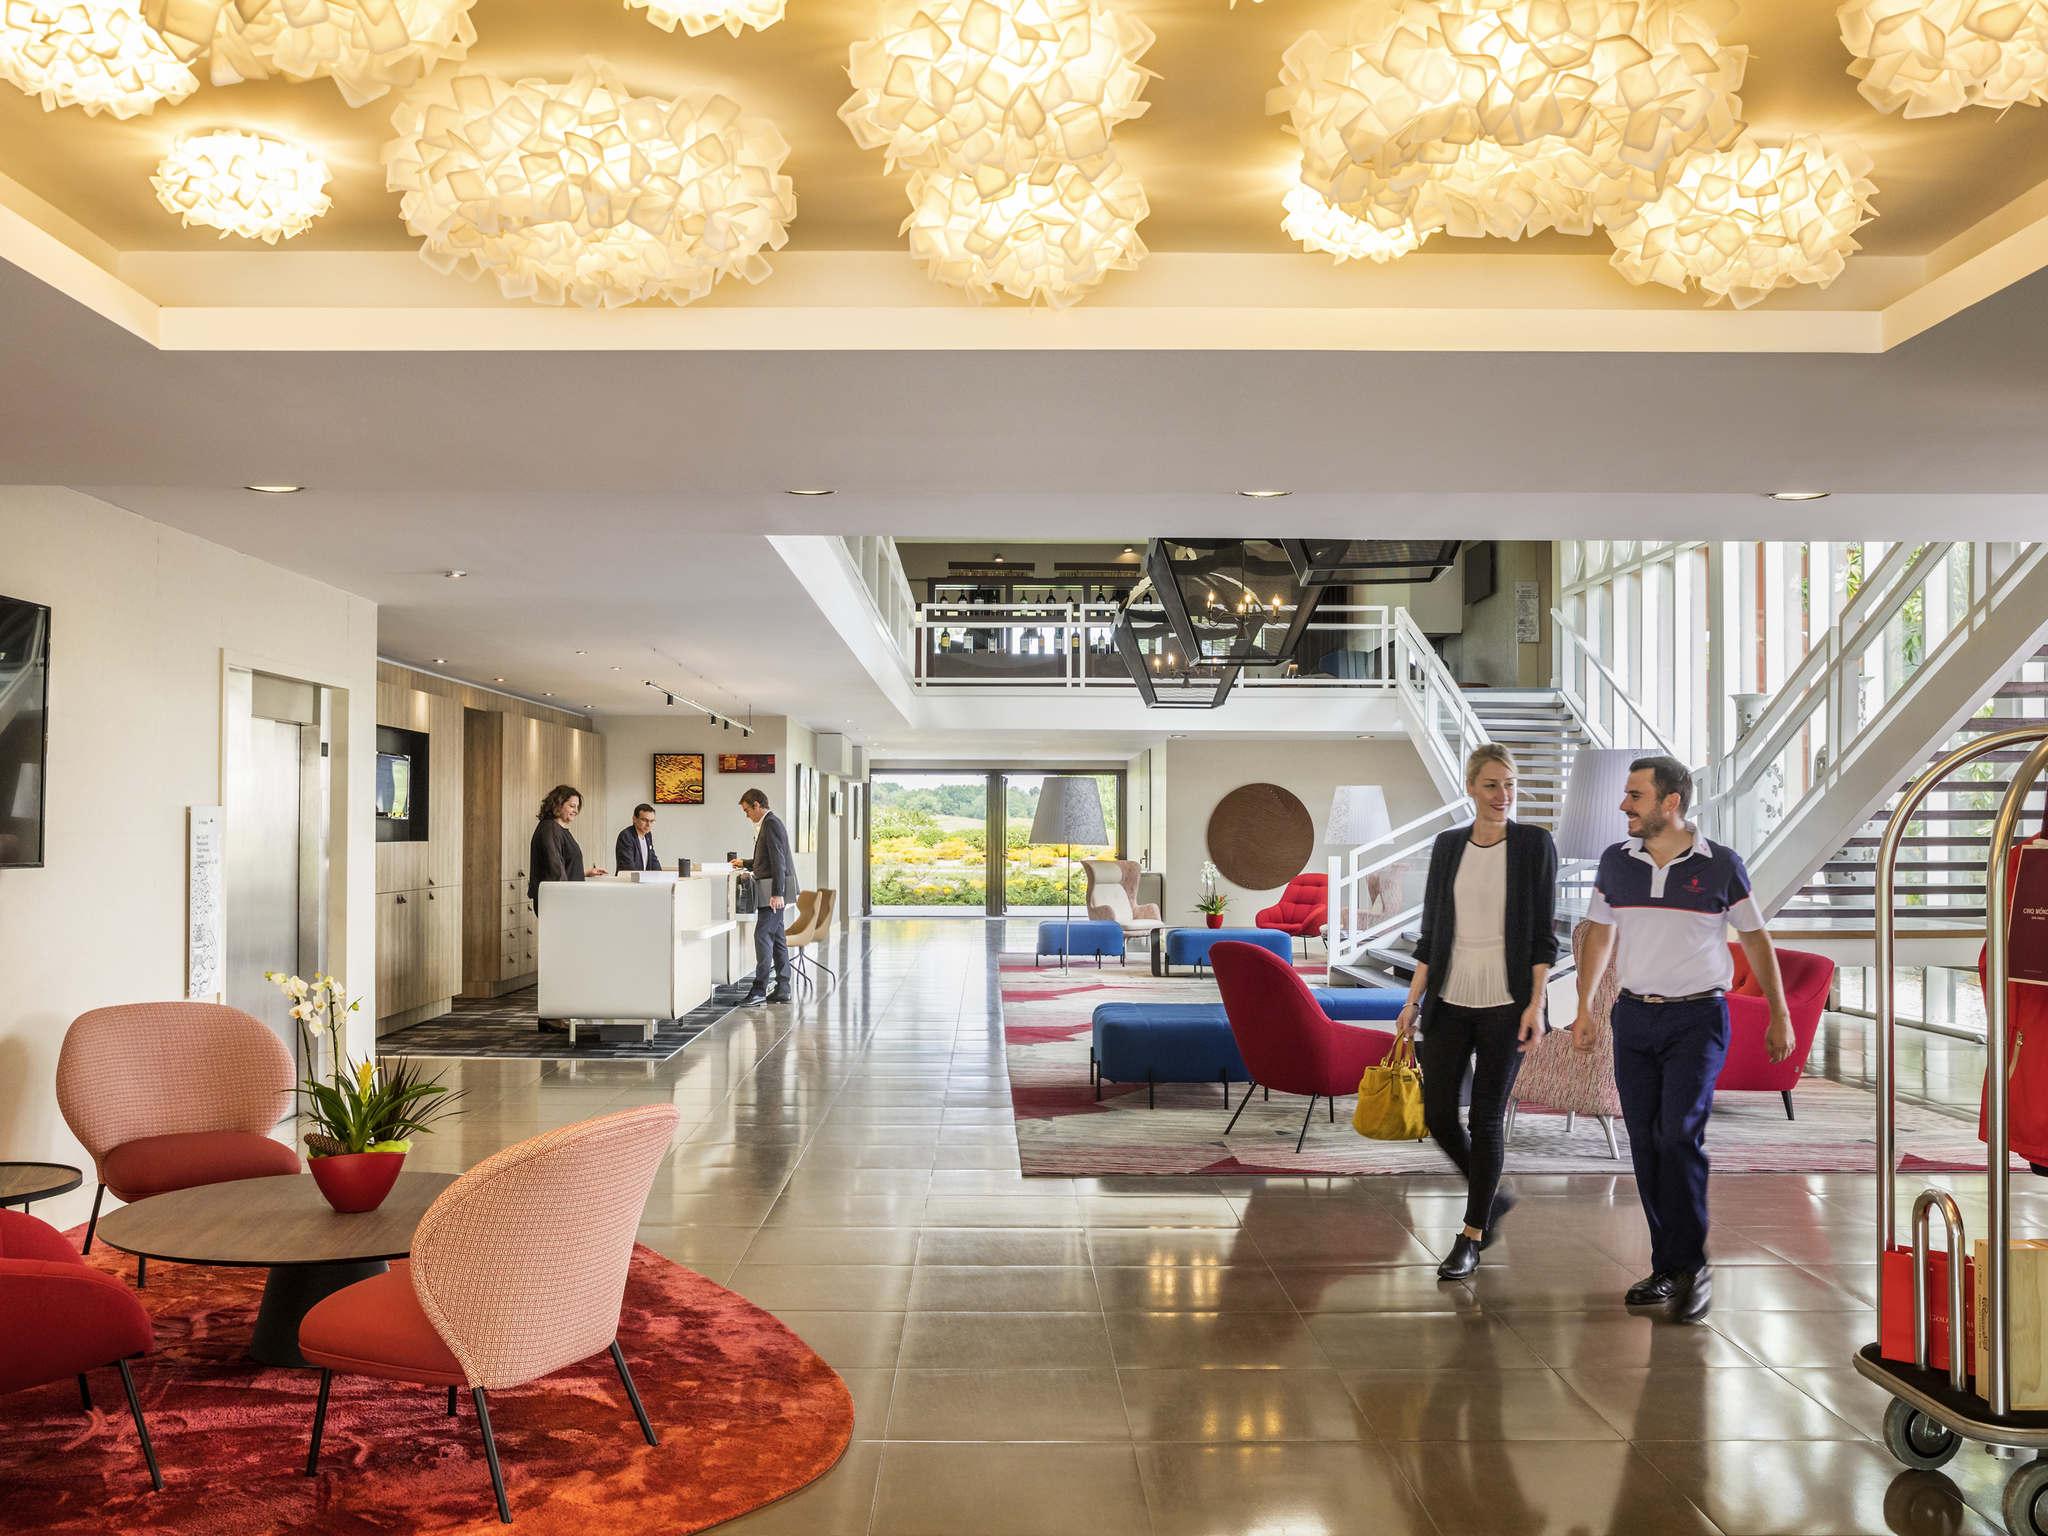 酒店 – 美憬阁索菲特梅多克高尔夫球场水疗酒店